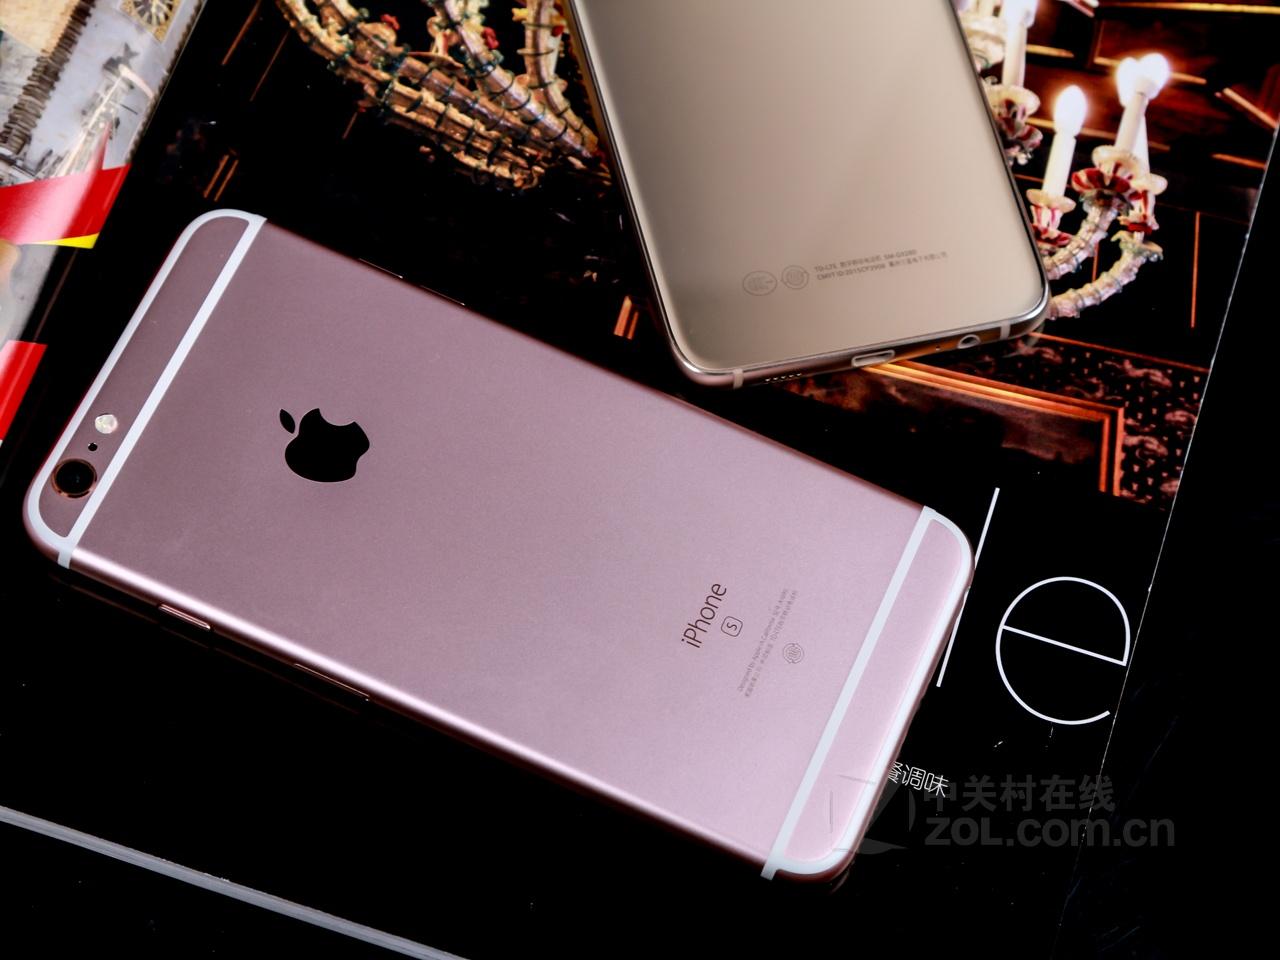 (中关村在线西安行情)64G苹果6S Plus在中关村在线认证经销商盛典数码手机专营店促销价为6900元,苹果 iPhone 6S Plus最值得说的就是这个3D Touch功能了,iOS 9系统级的支持和配合,让该功能表现十分亮眼,这就是苹果的魅力。3D Touch可以说是Multi Touch(多点触控)之后的又一重大触摸功能创新。  图为 苹果iPhone6S Plus 苹果iPhone6S Plus延续了上代机型的设计,采用了5.